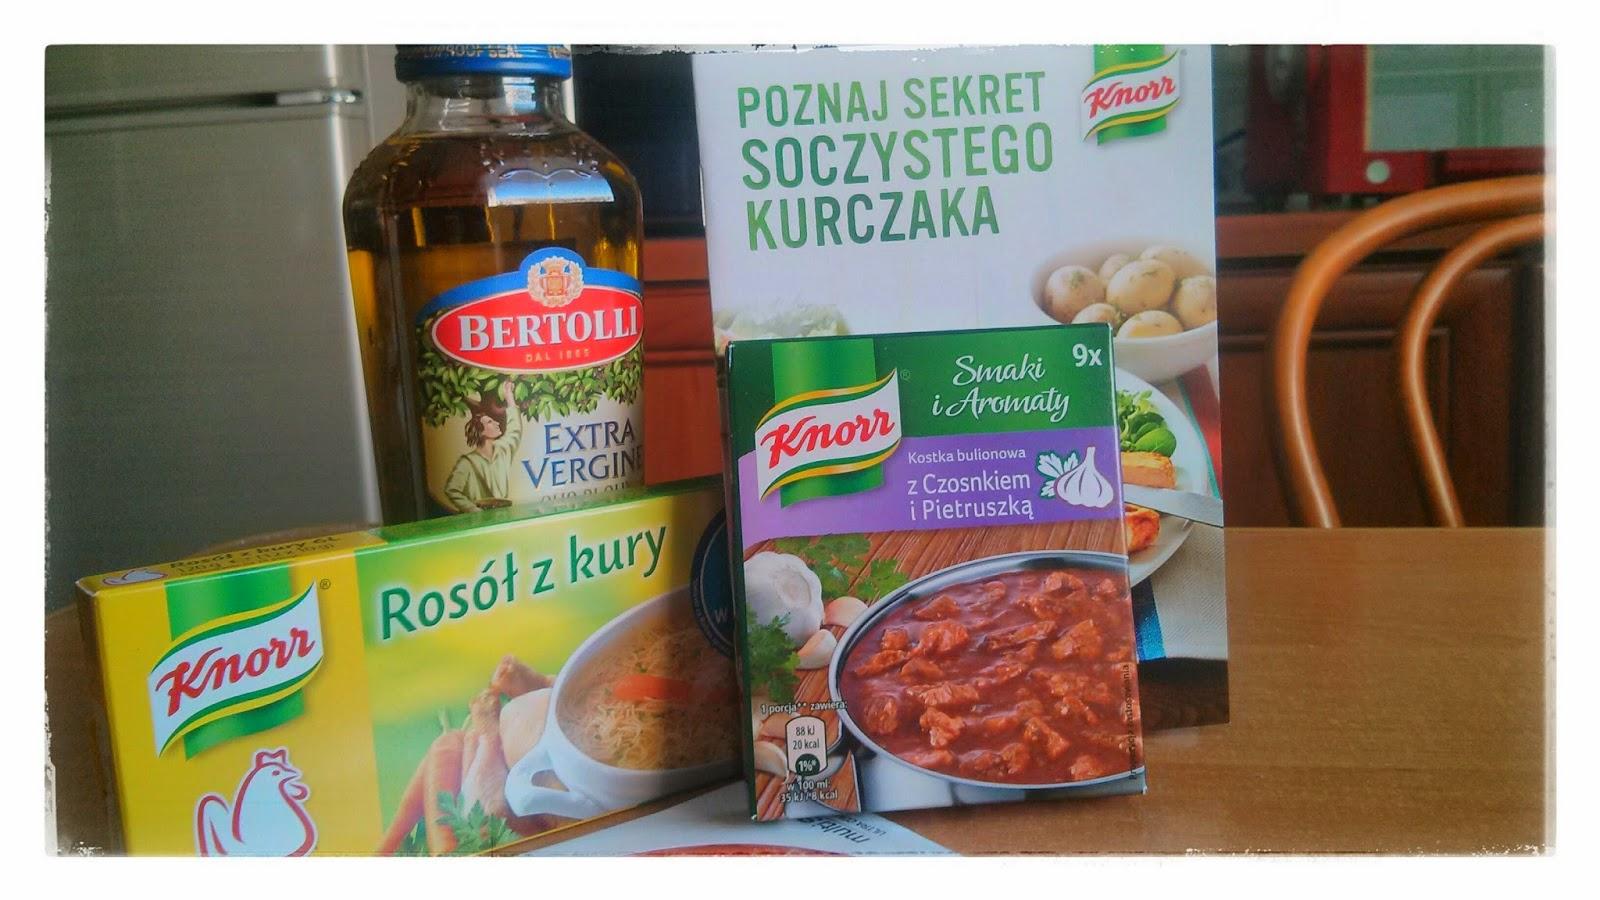 Soczysty kurczak Knorr